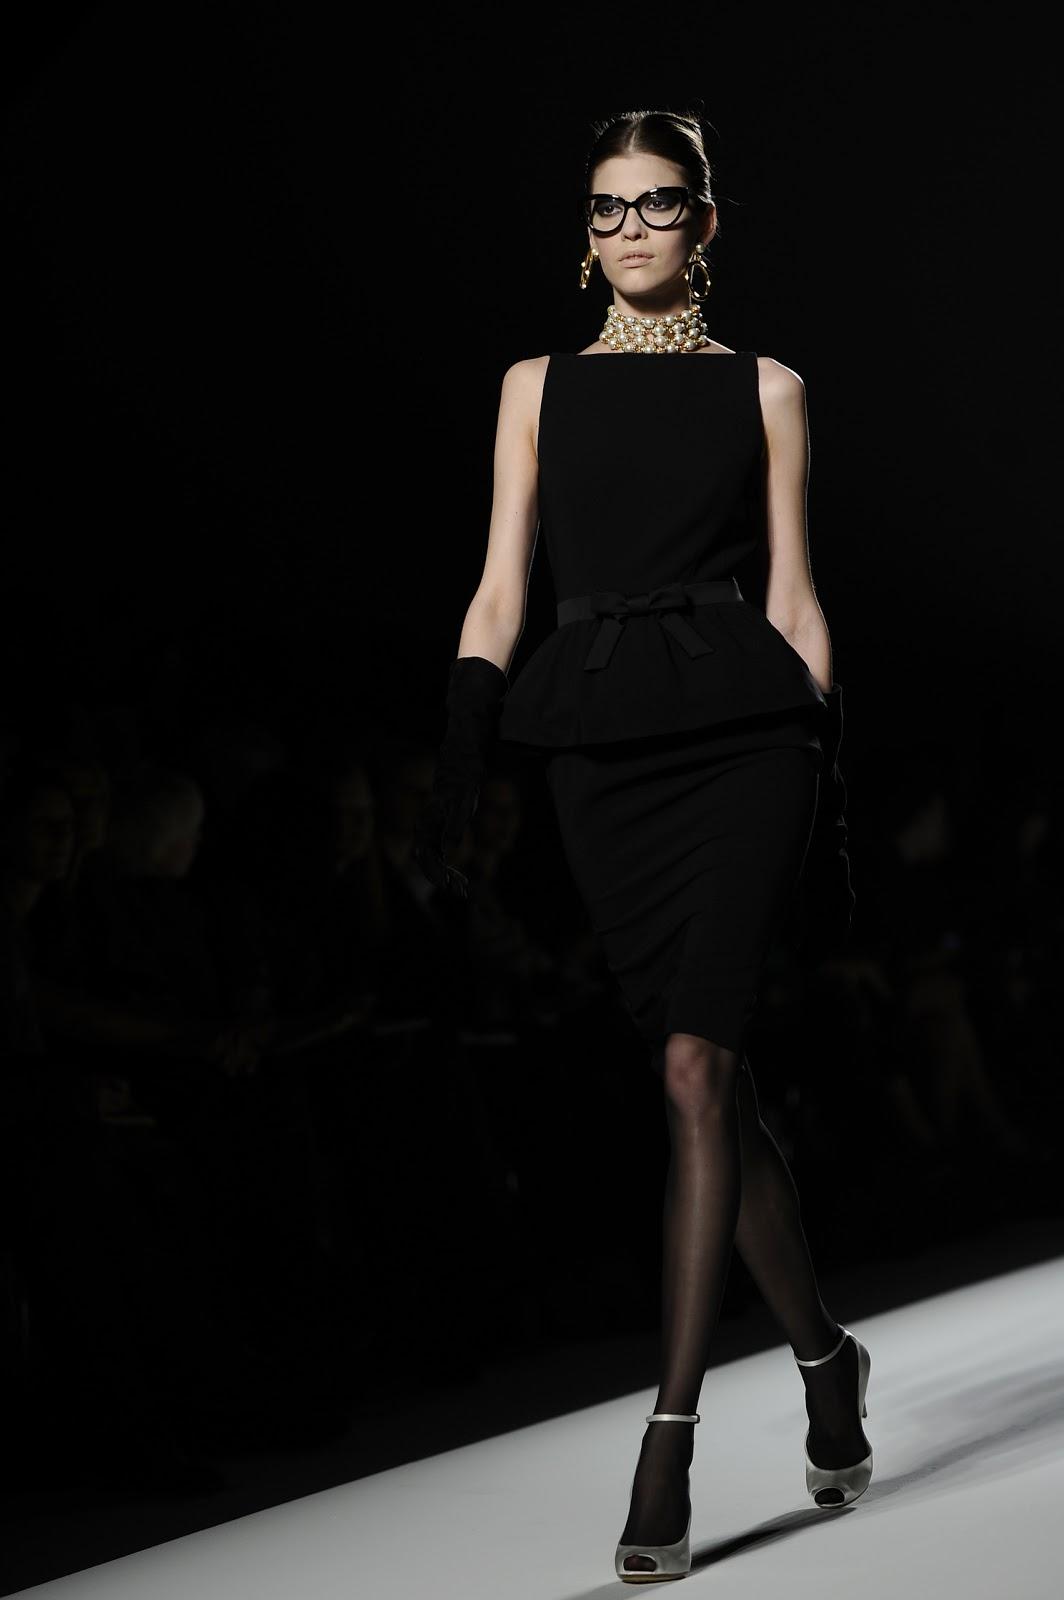 Gold Eagle Fad Vs Trend Vs Classic Fashion